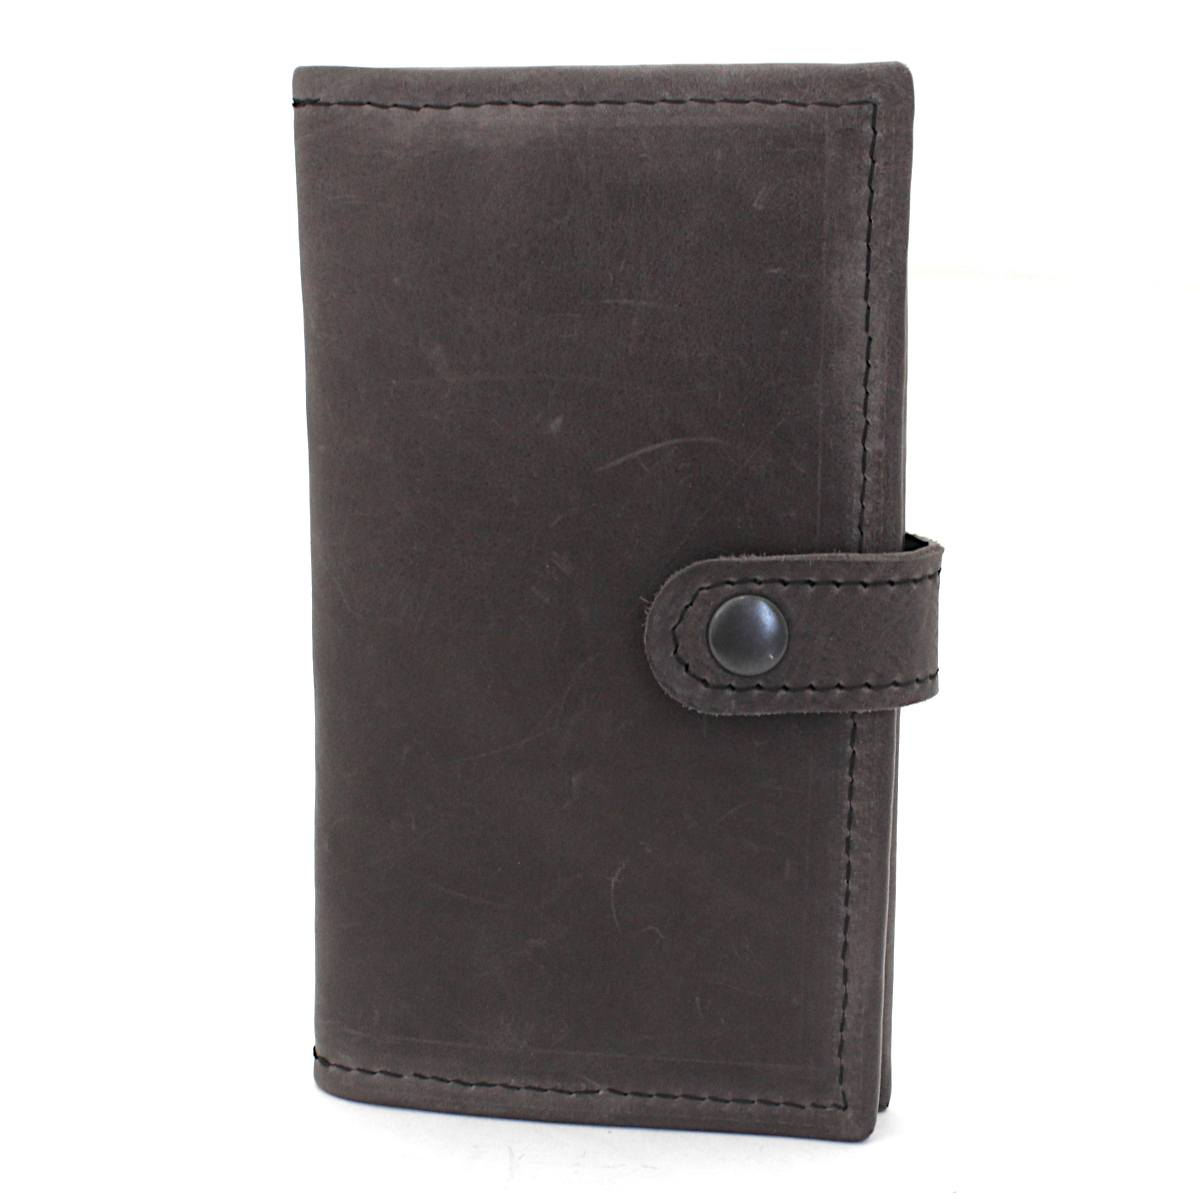 ръчно изработен кожен портфейл сив